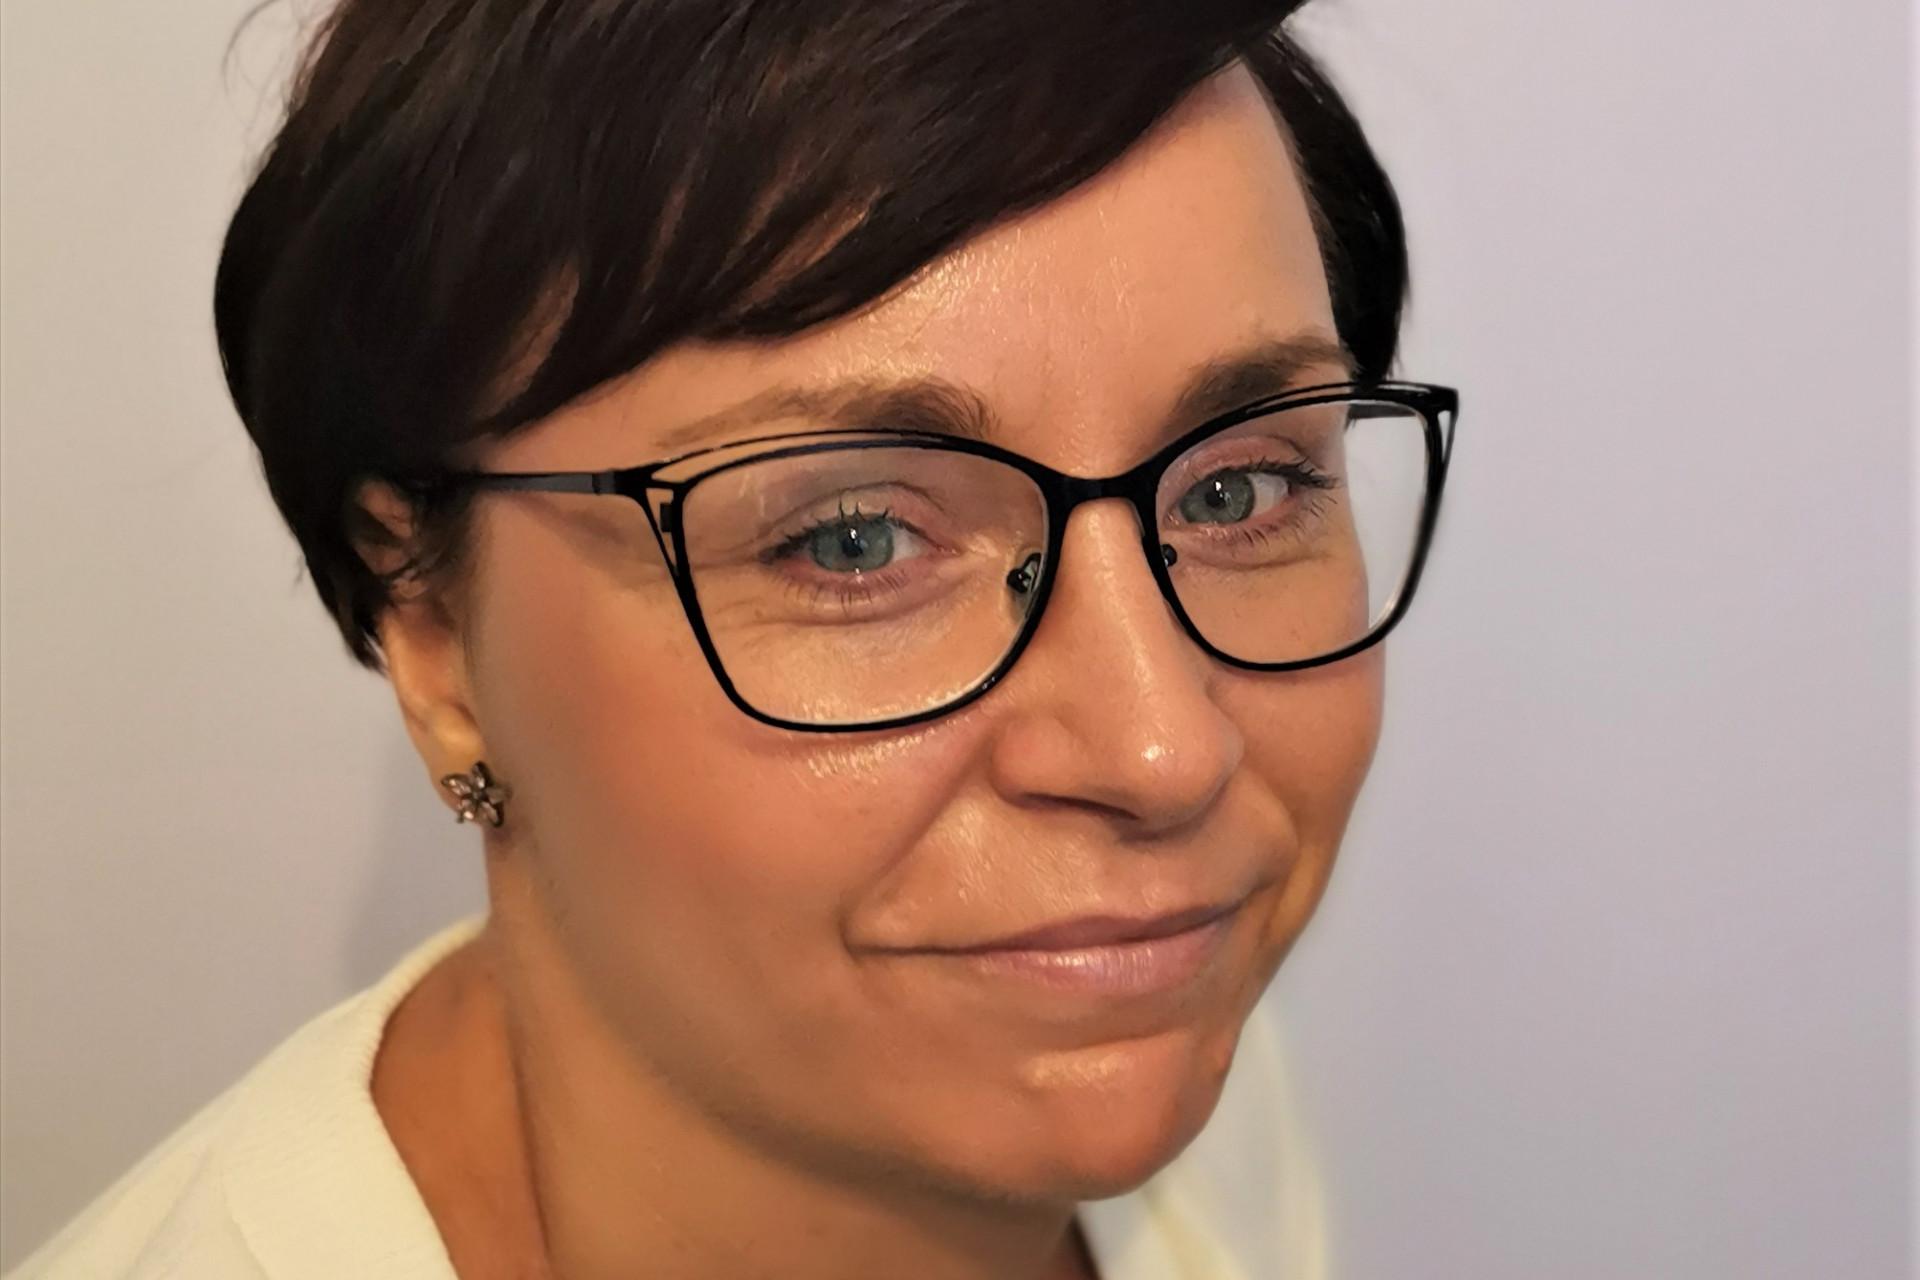 Monika Jura